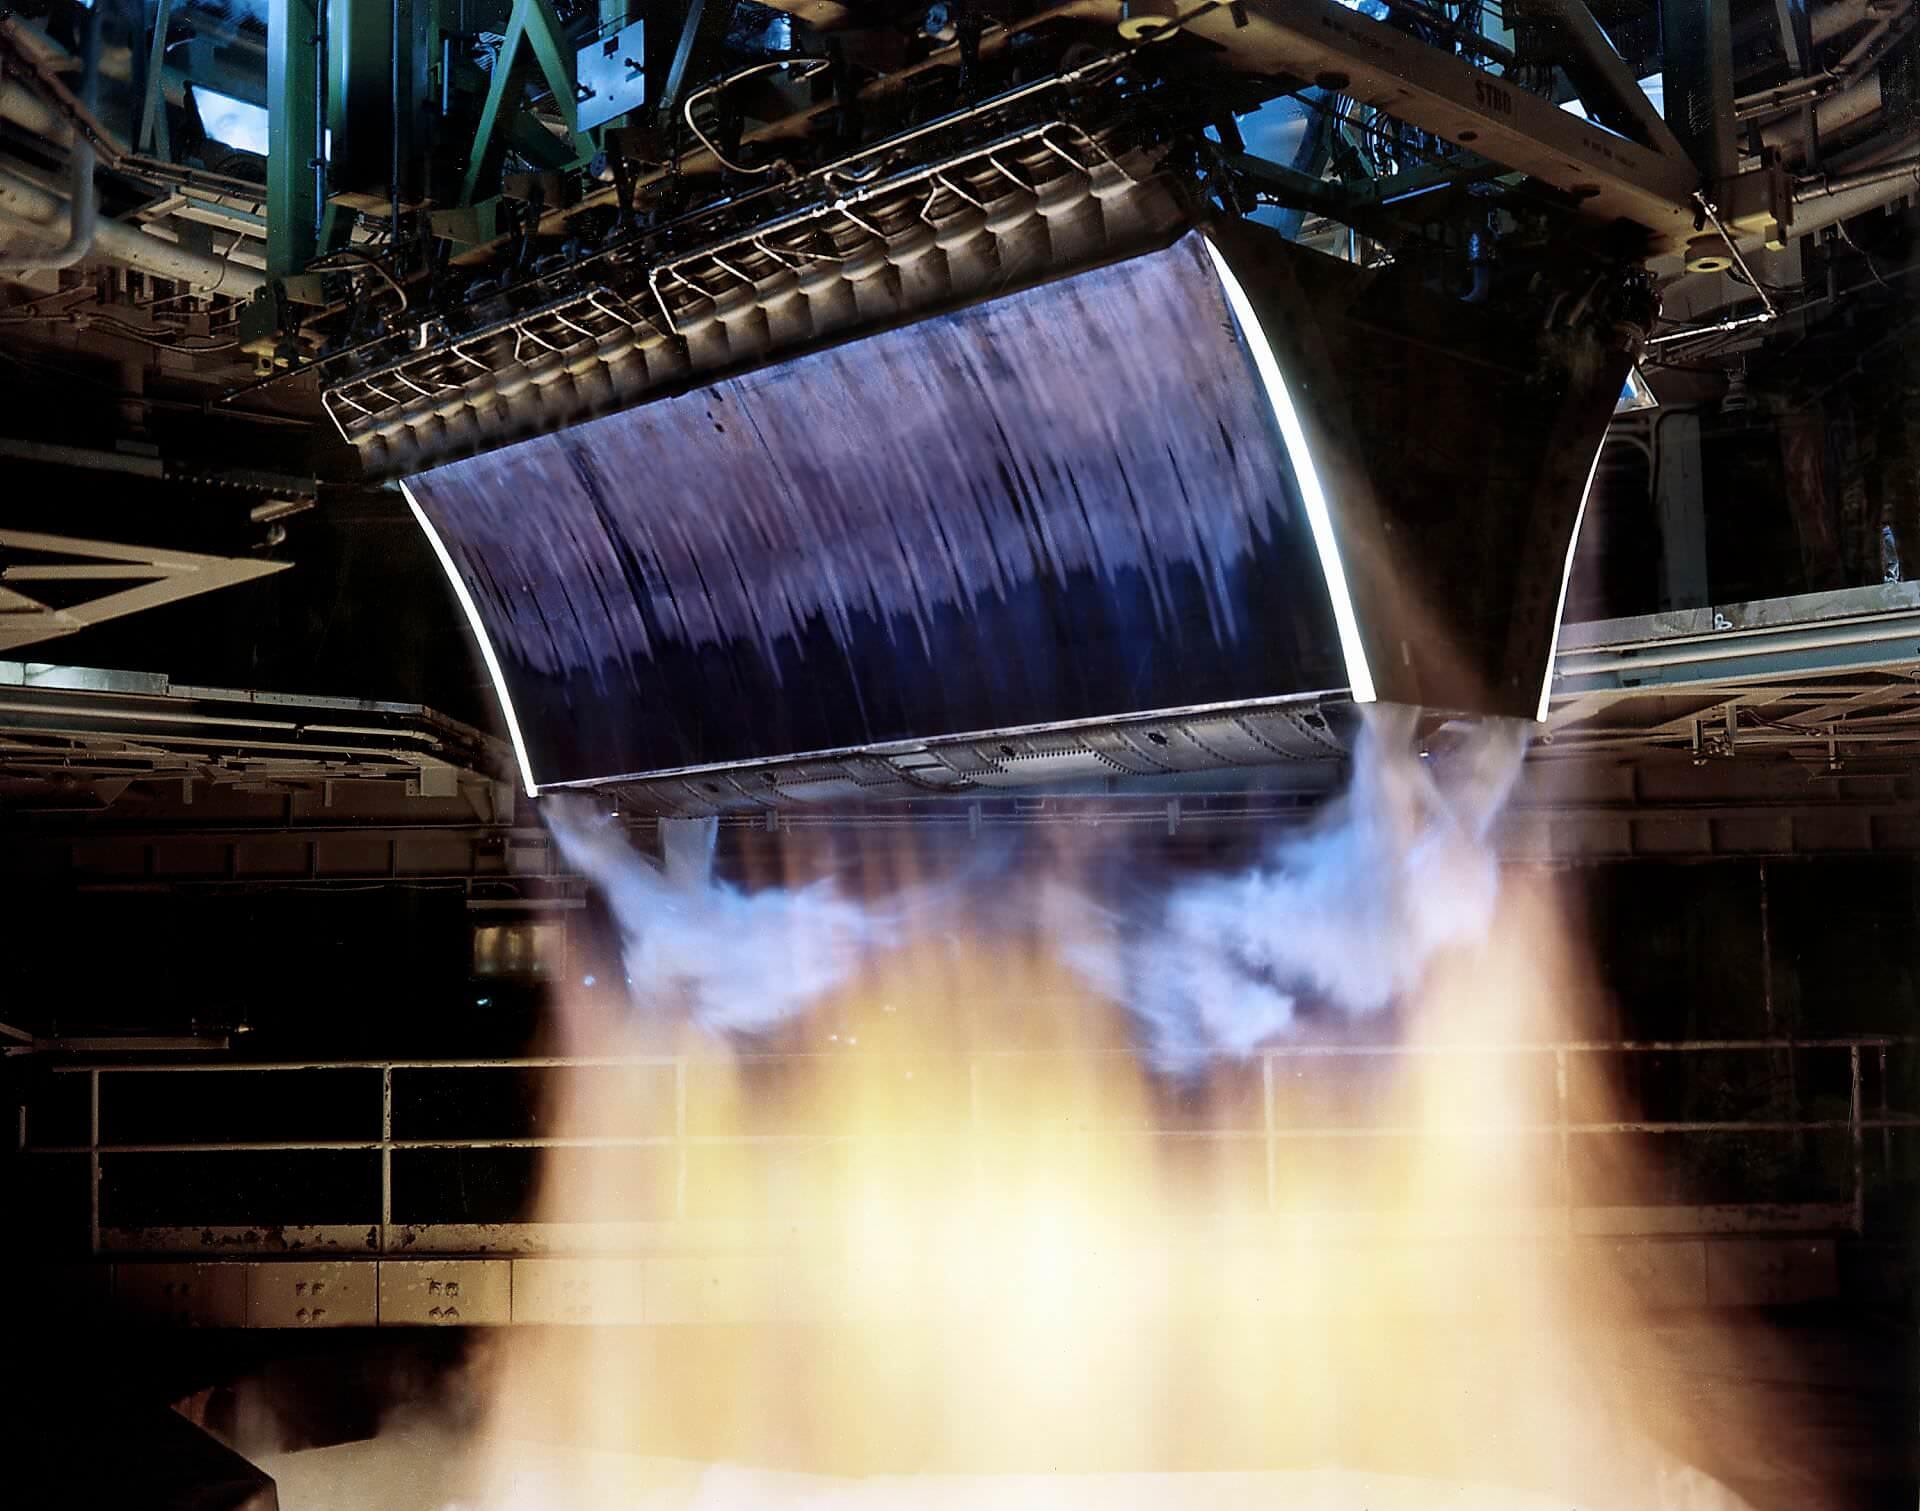 El motor aerospike puede ser rescatado para su uso